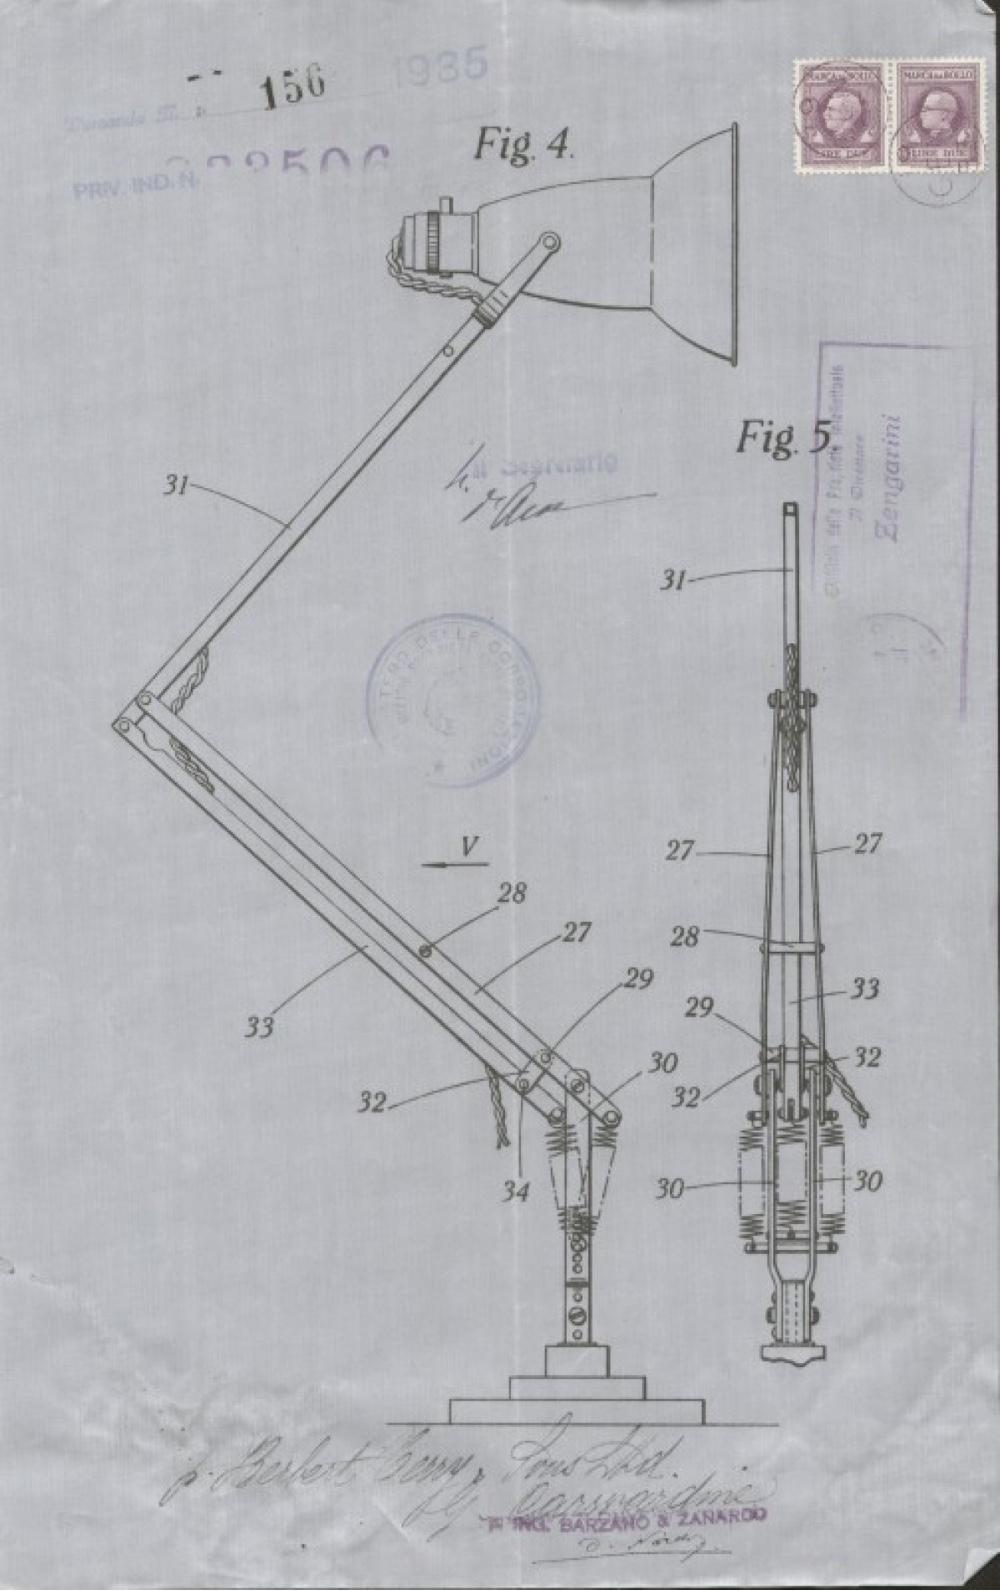 Дизайн известной настольной лампы: чертежи